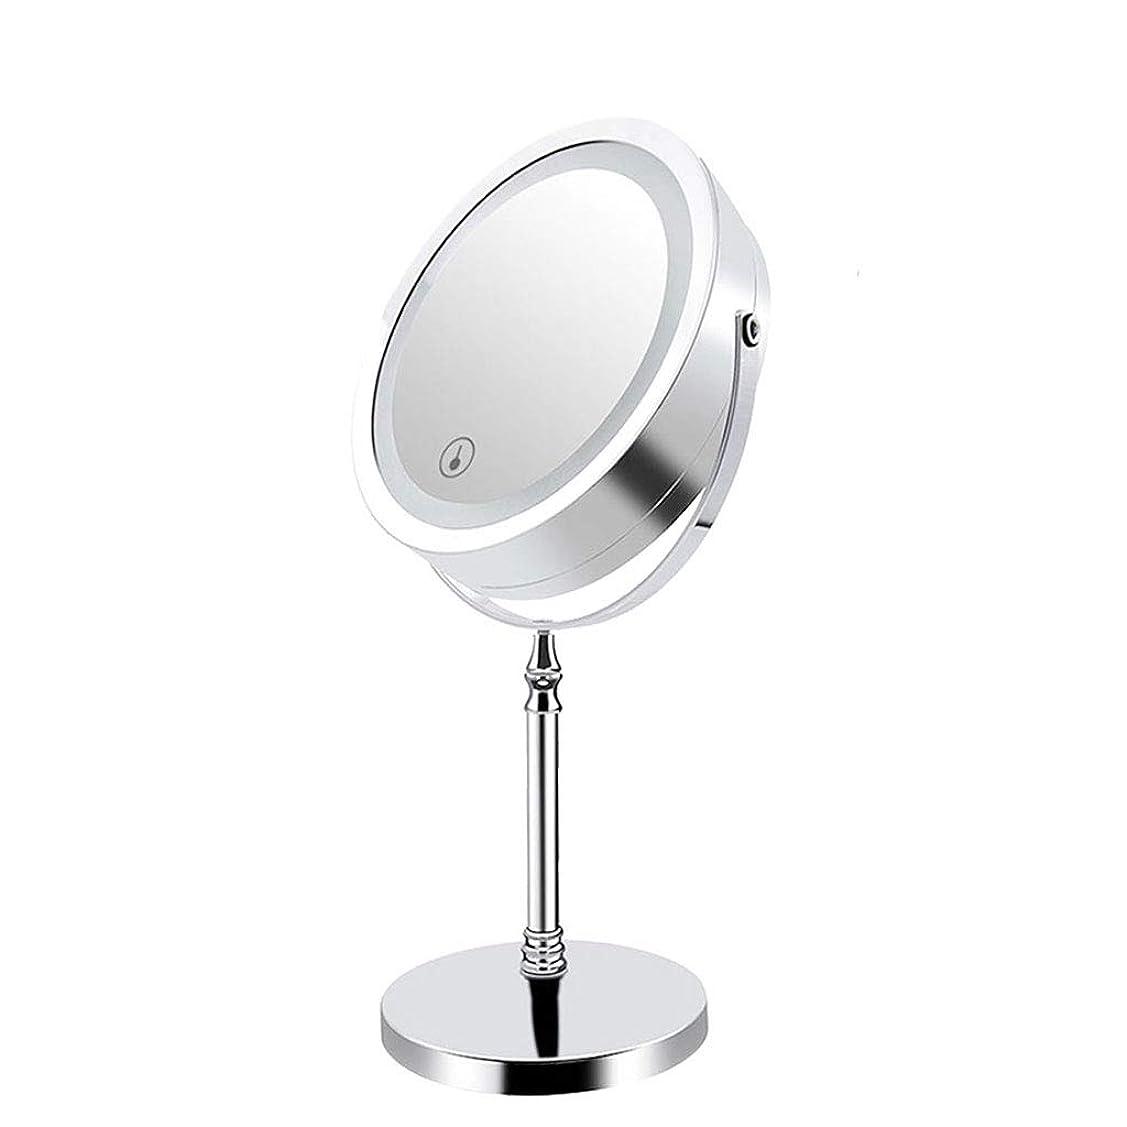 あいにく図ジュラシックパークCONCEN スマートフィルライトタッチスクリーンデスク化粧鏡付きランプデスクトップledライト両面虫眼鏡子供王女ミラー